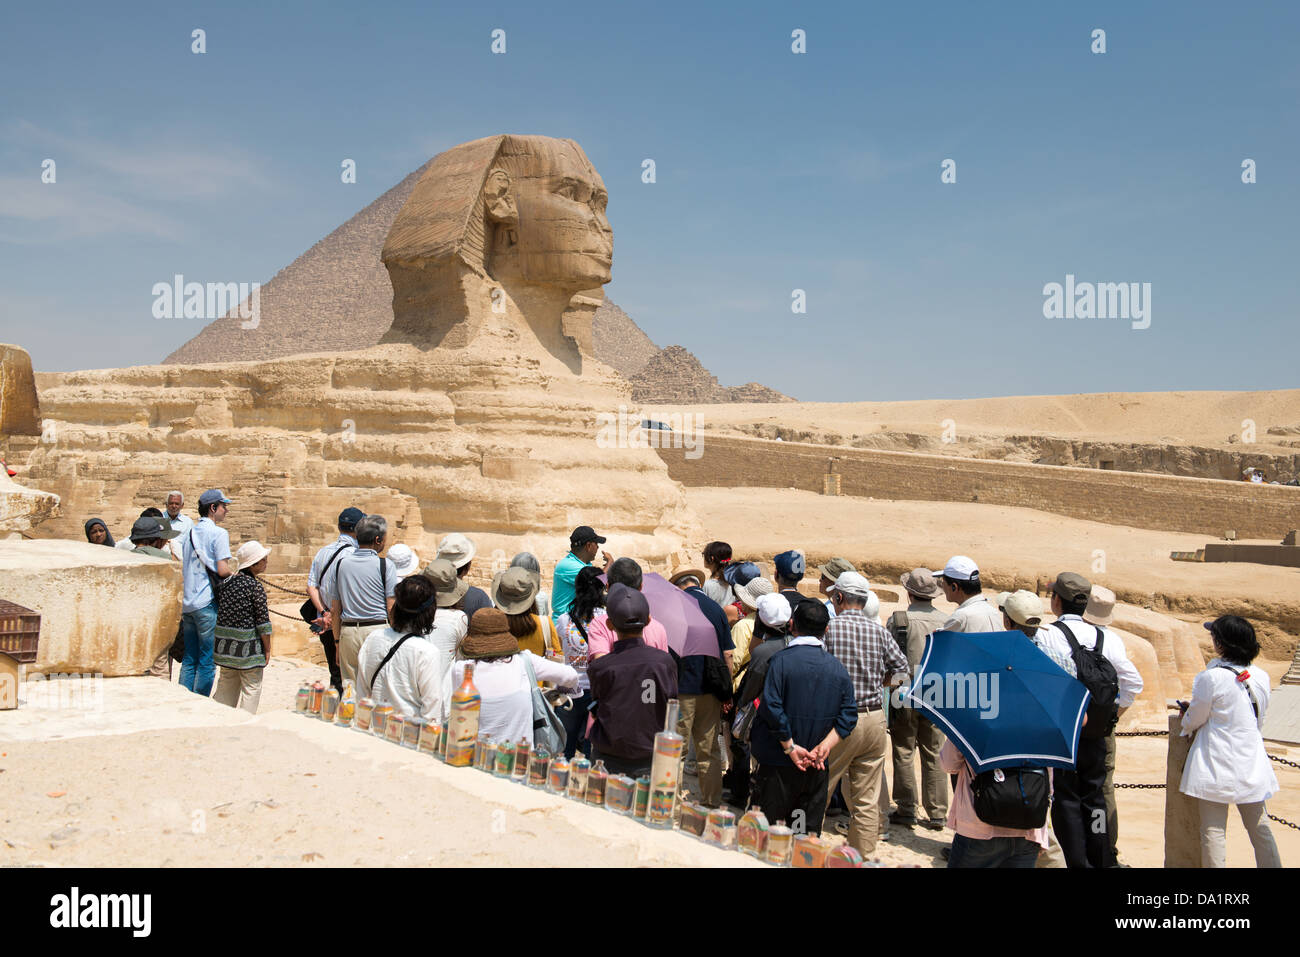 Famosa antigua estatua de la esfinge de Giza, en Egipto. Cada día las multitudes de turistas que visitan la Imagen De Stock